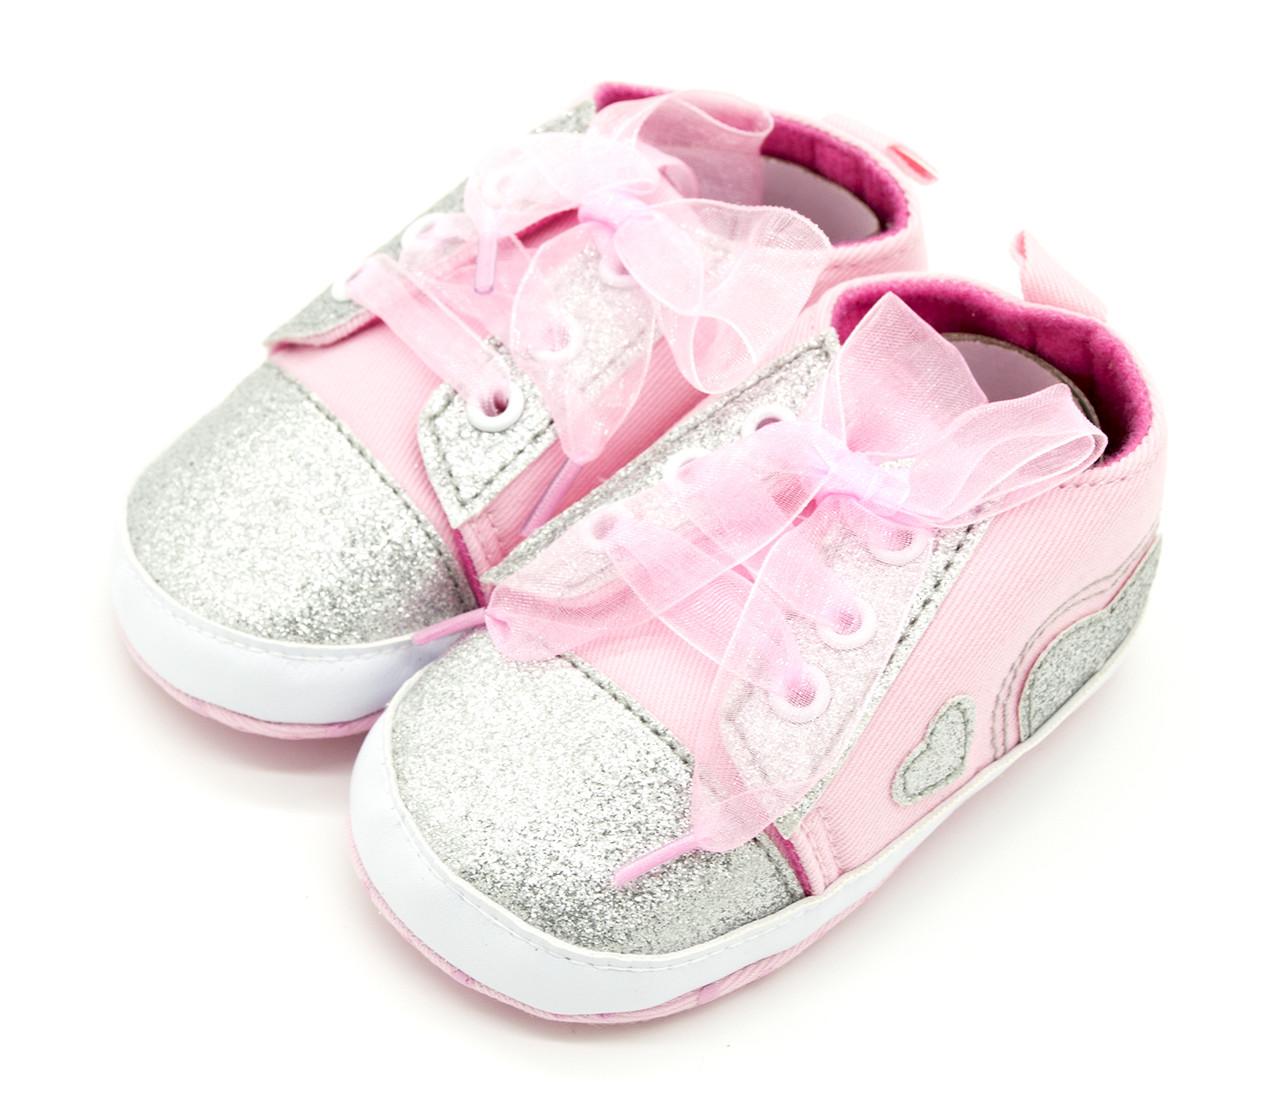 Пінетки-кросівки для дівчинки Світло-рожевий